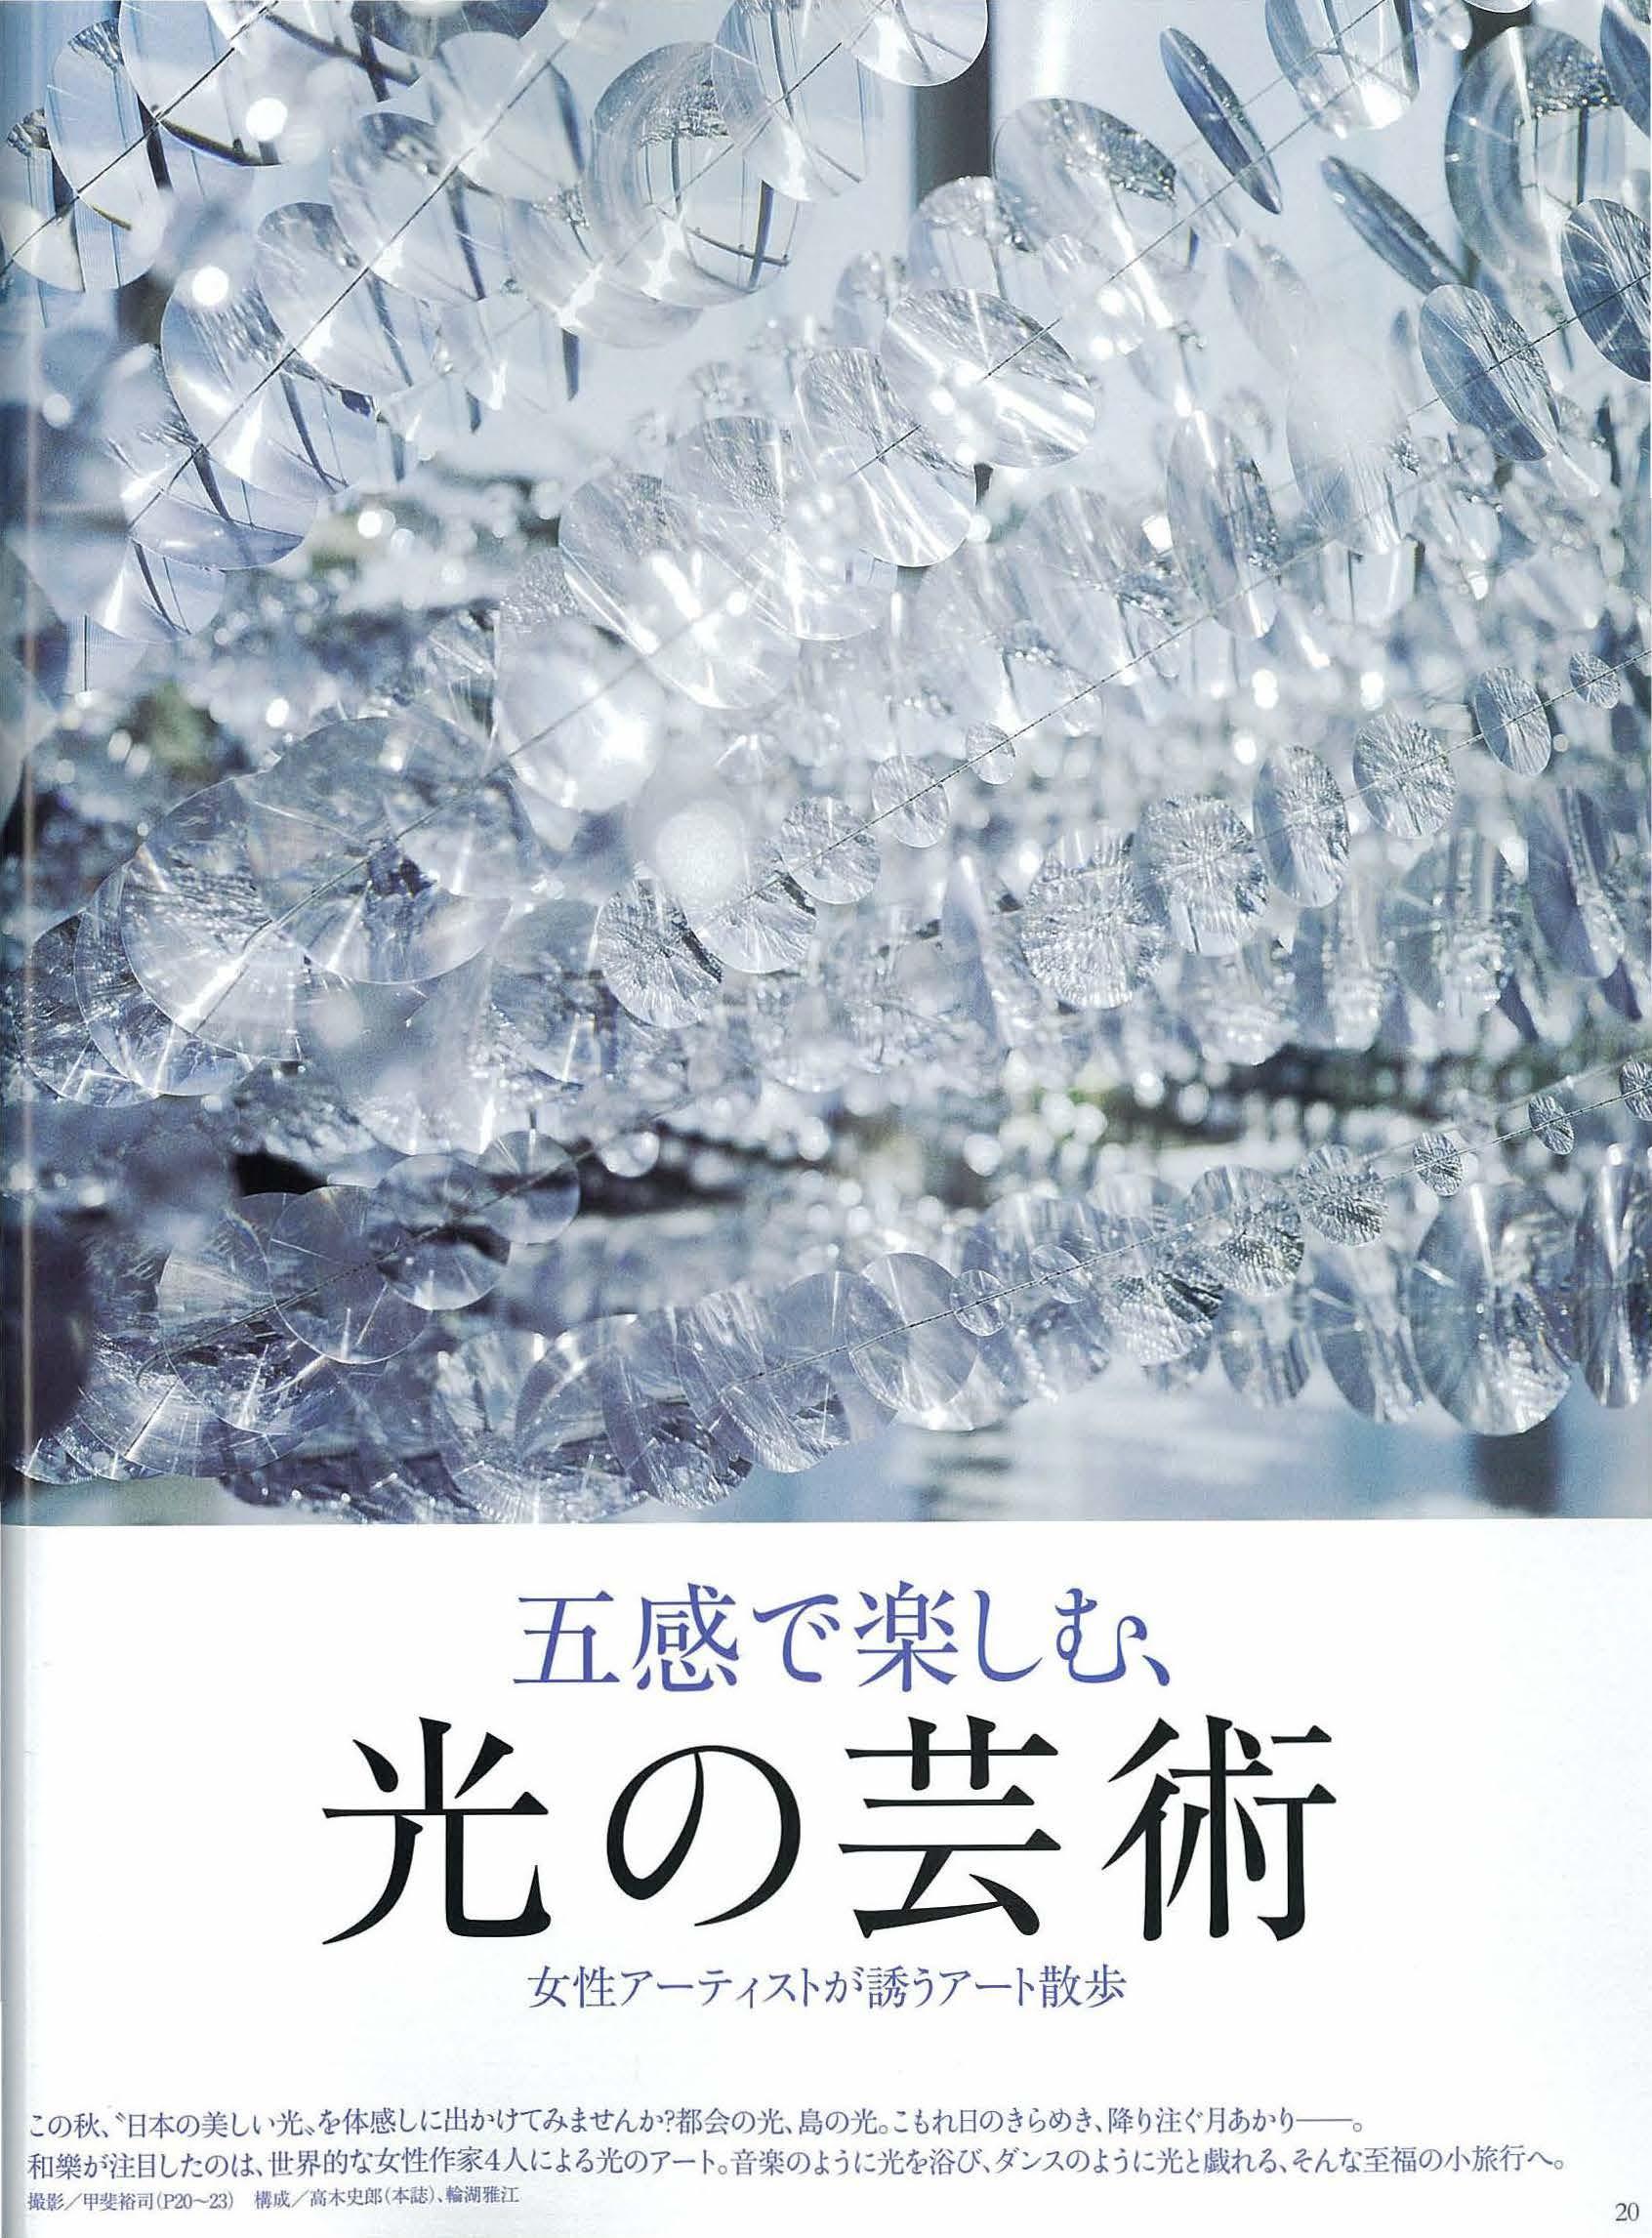 Waraku: October, 2011